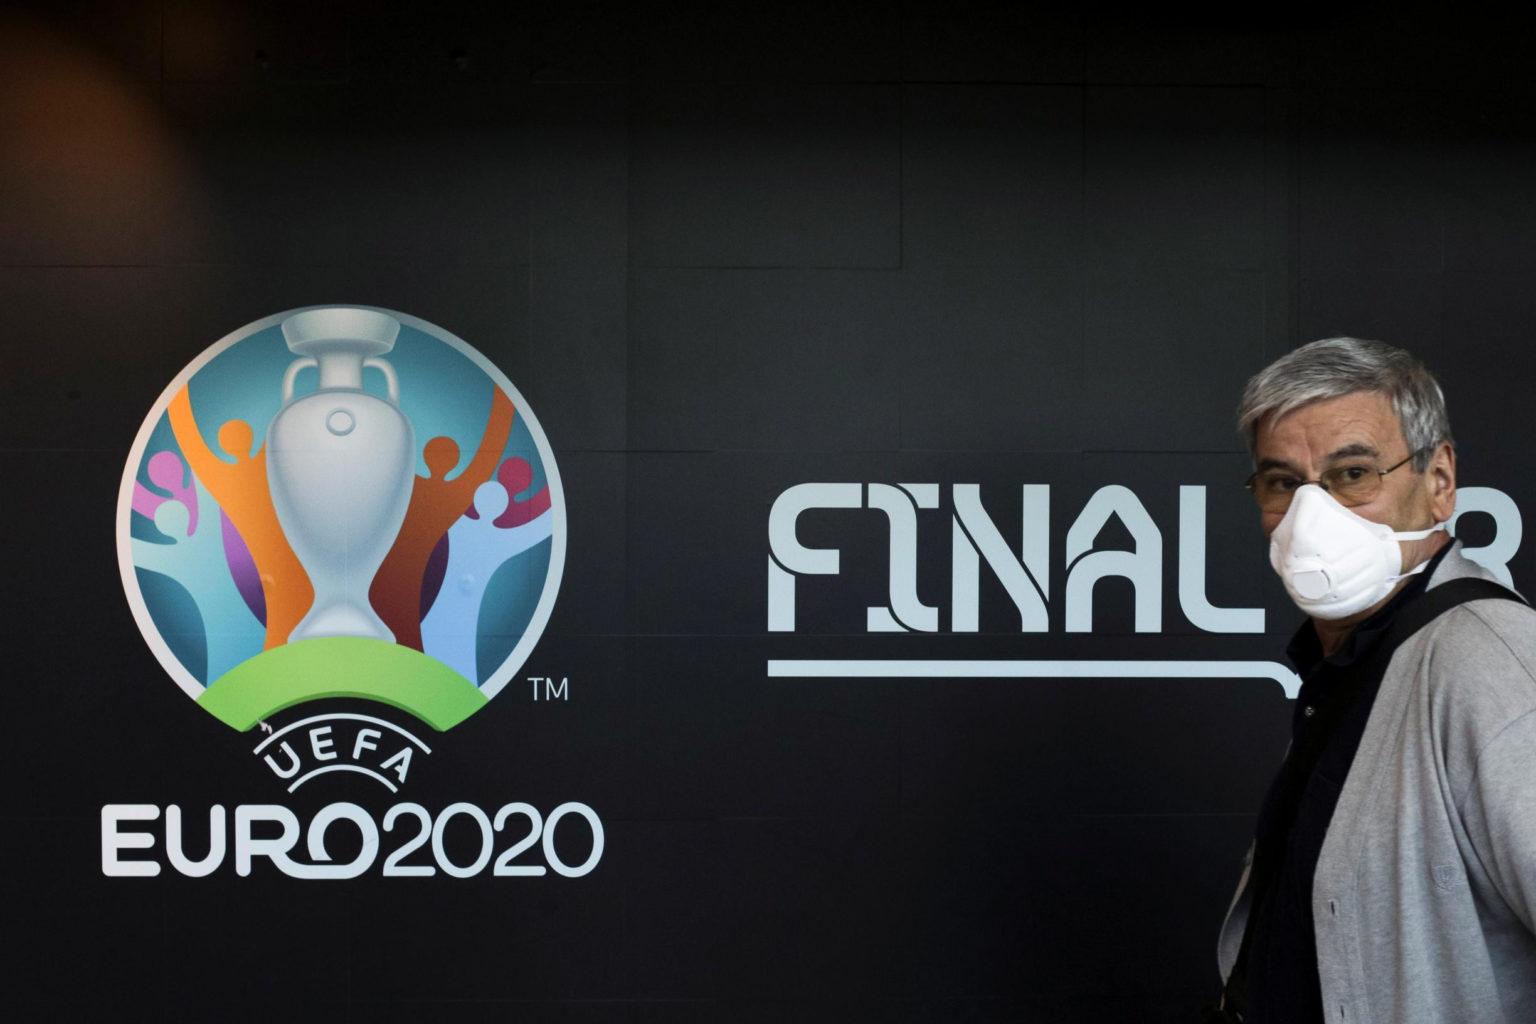 На фото: Влияние коронавируса на Евро-2020 и другие события в мире большого спорта (текущий анализ), автор: admin